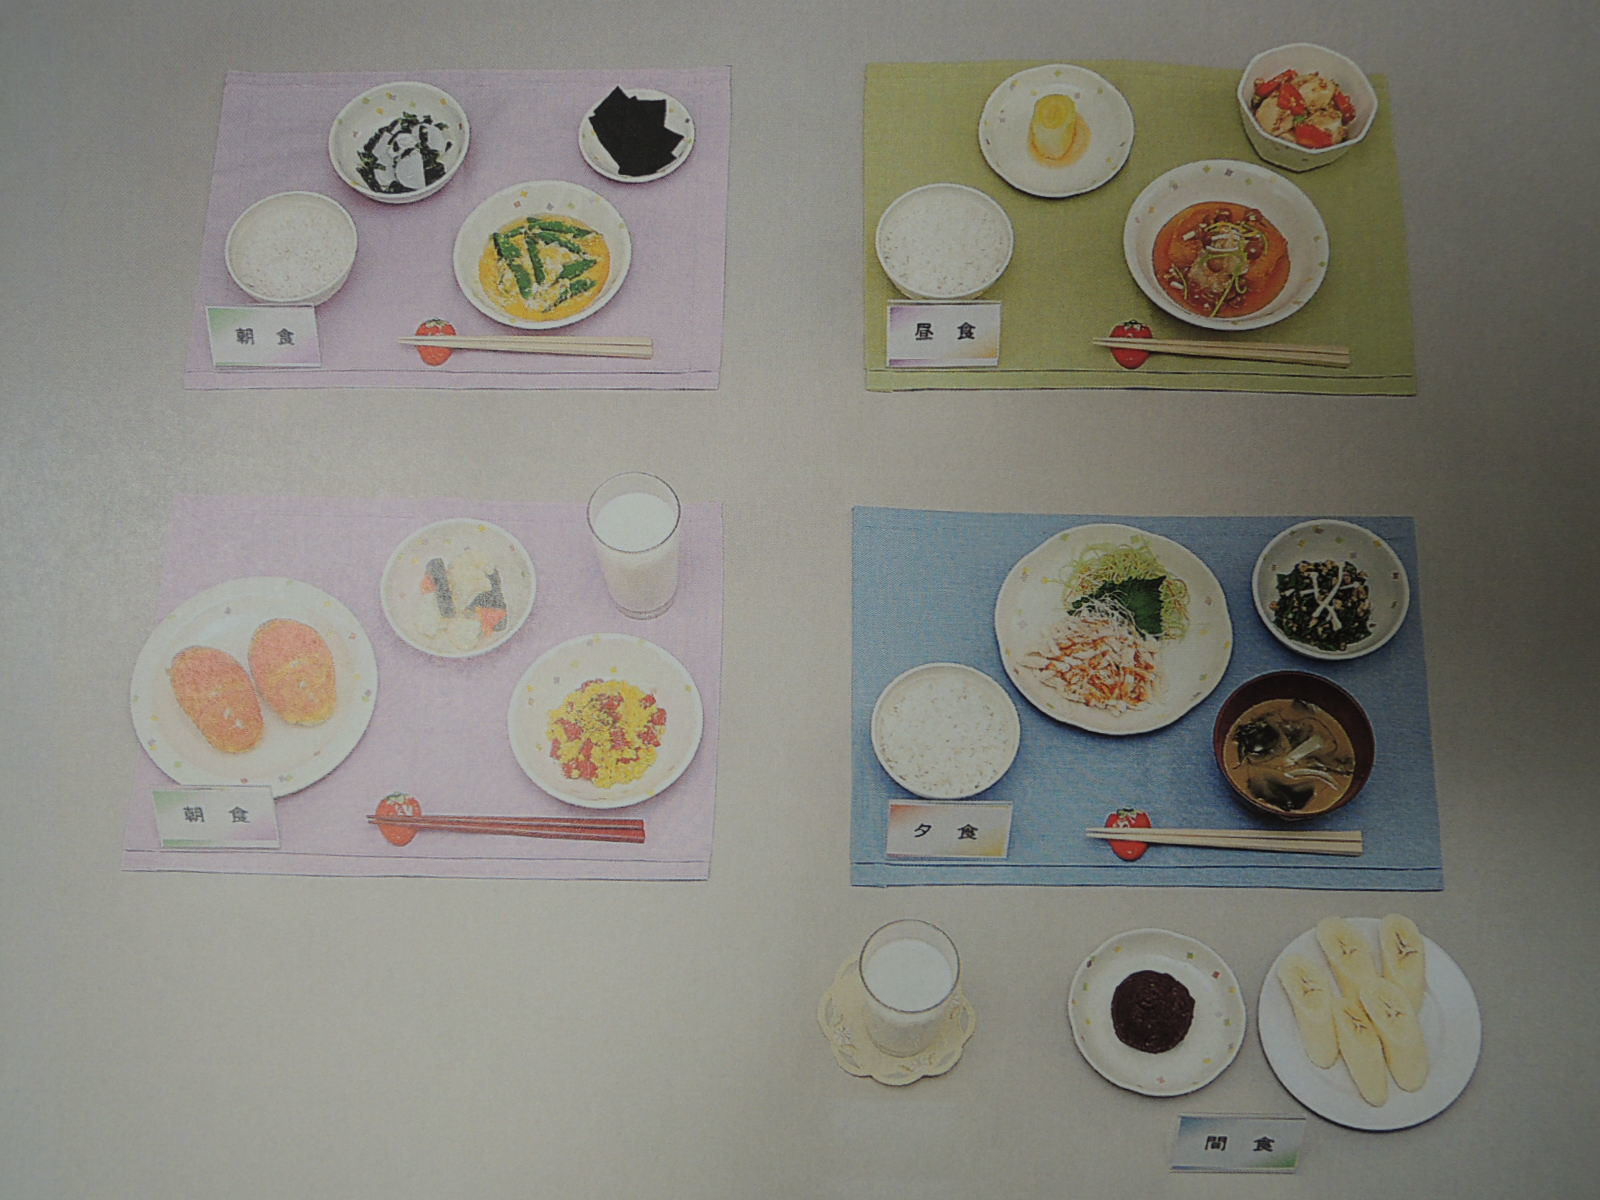 8月10日は『ハートの日』  <食品サンプルの製造メーカー(株)イワイサンプル>_e0142313_01494217.jpg